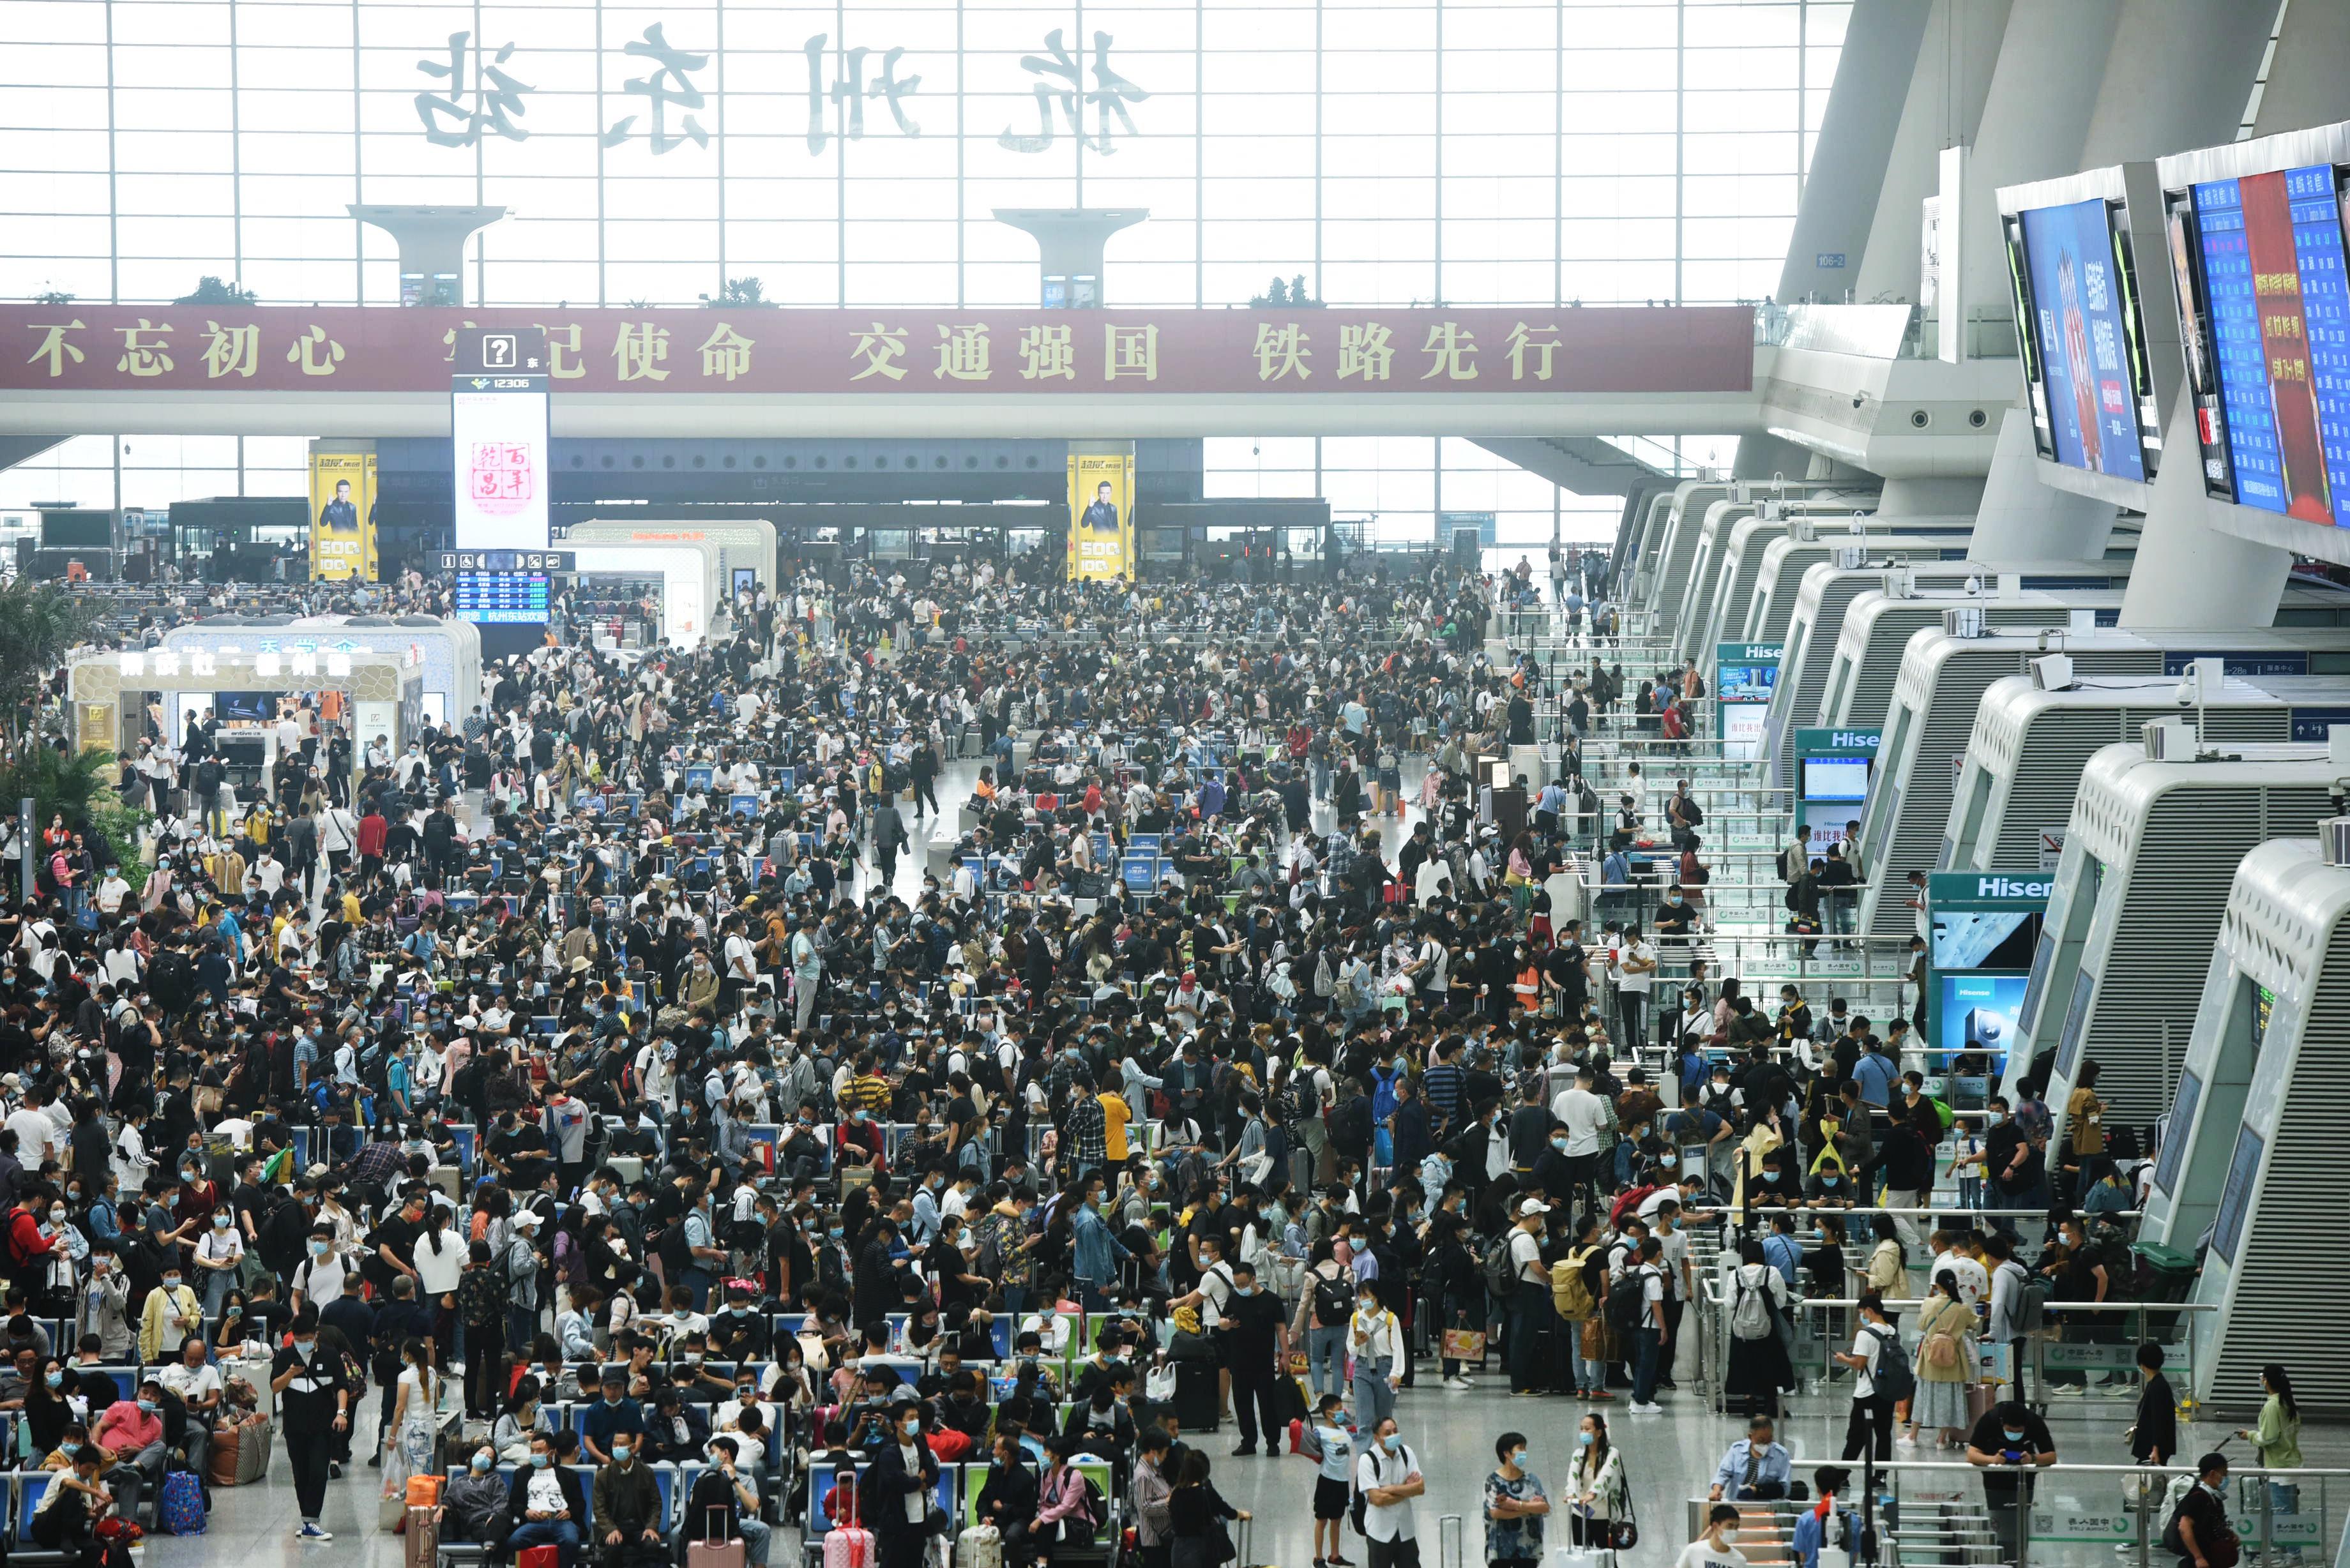 國慶長假臨近尾聲,多地交通運輸部門迎來返程客流高峰。圖為10月8日,旅客在杭州火車東站候車大廳候車。(新華社)